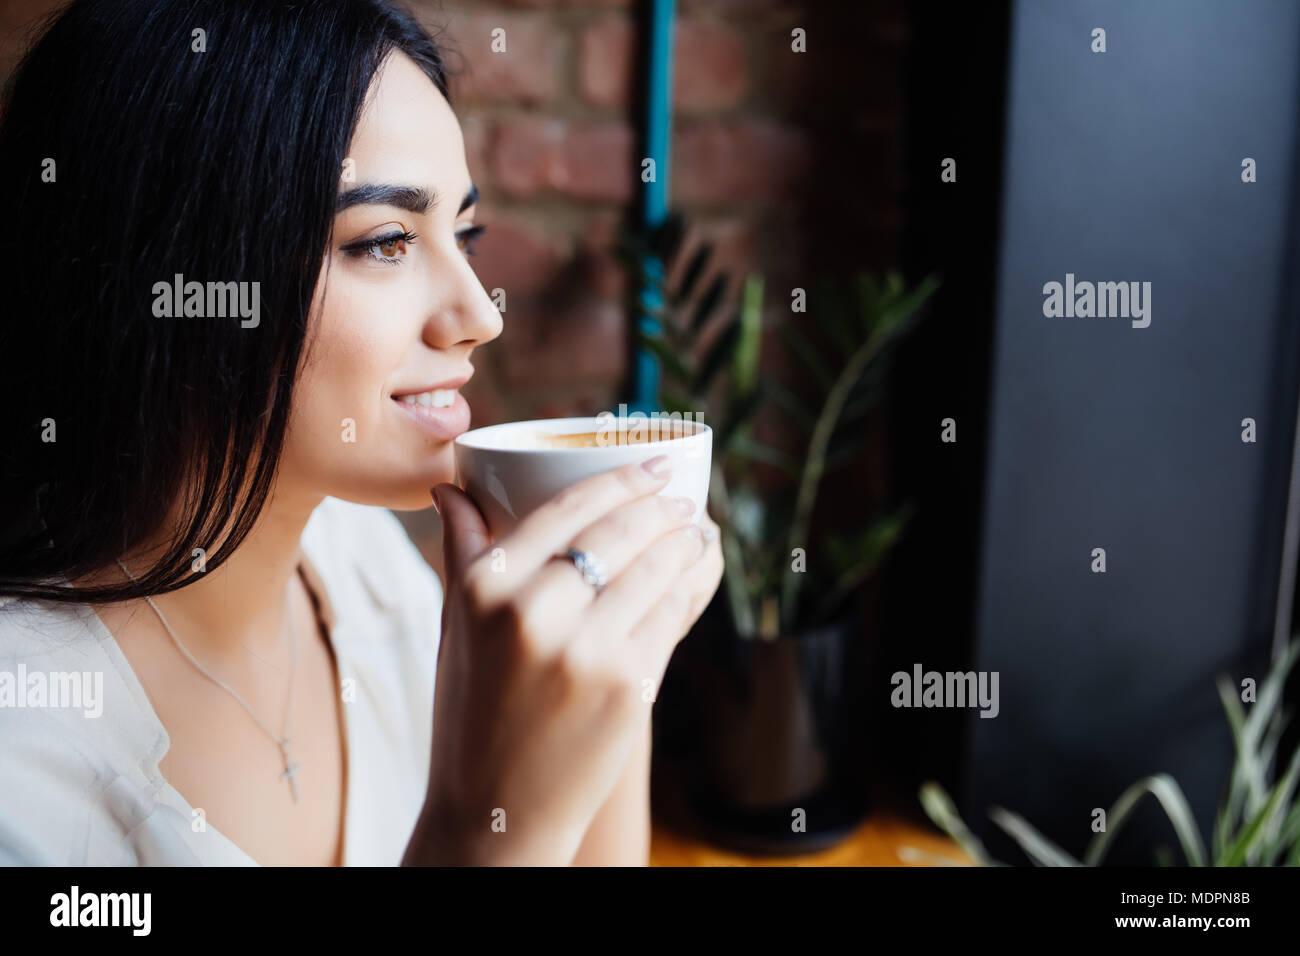 Kaffee. Schöne Mädchen, Trinken Tee Oder Kaffee Im Cafe. Schönheit Modell  Frau Mit Der Tasse Heißen Getränk. Warme Farben Getönt